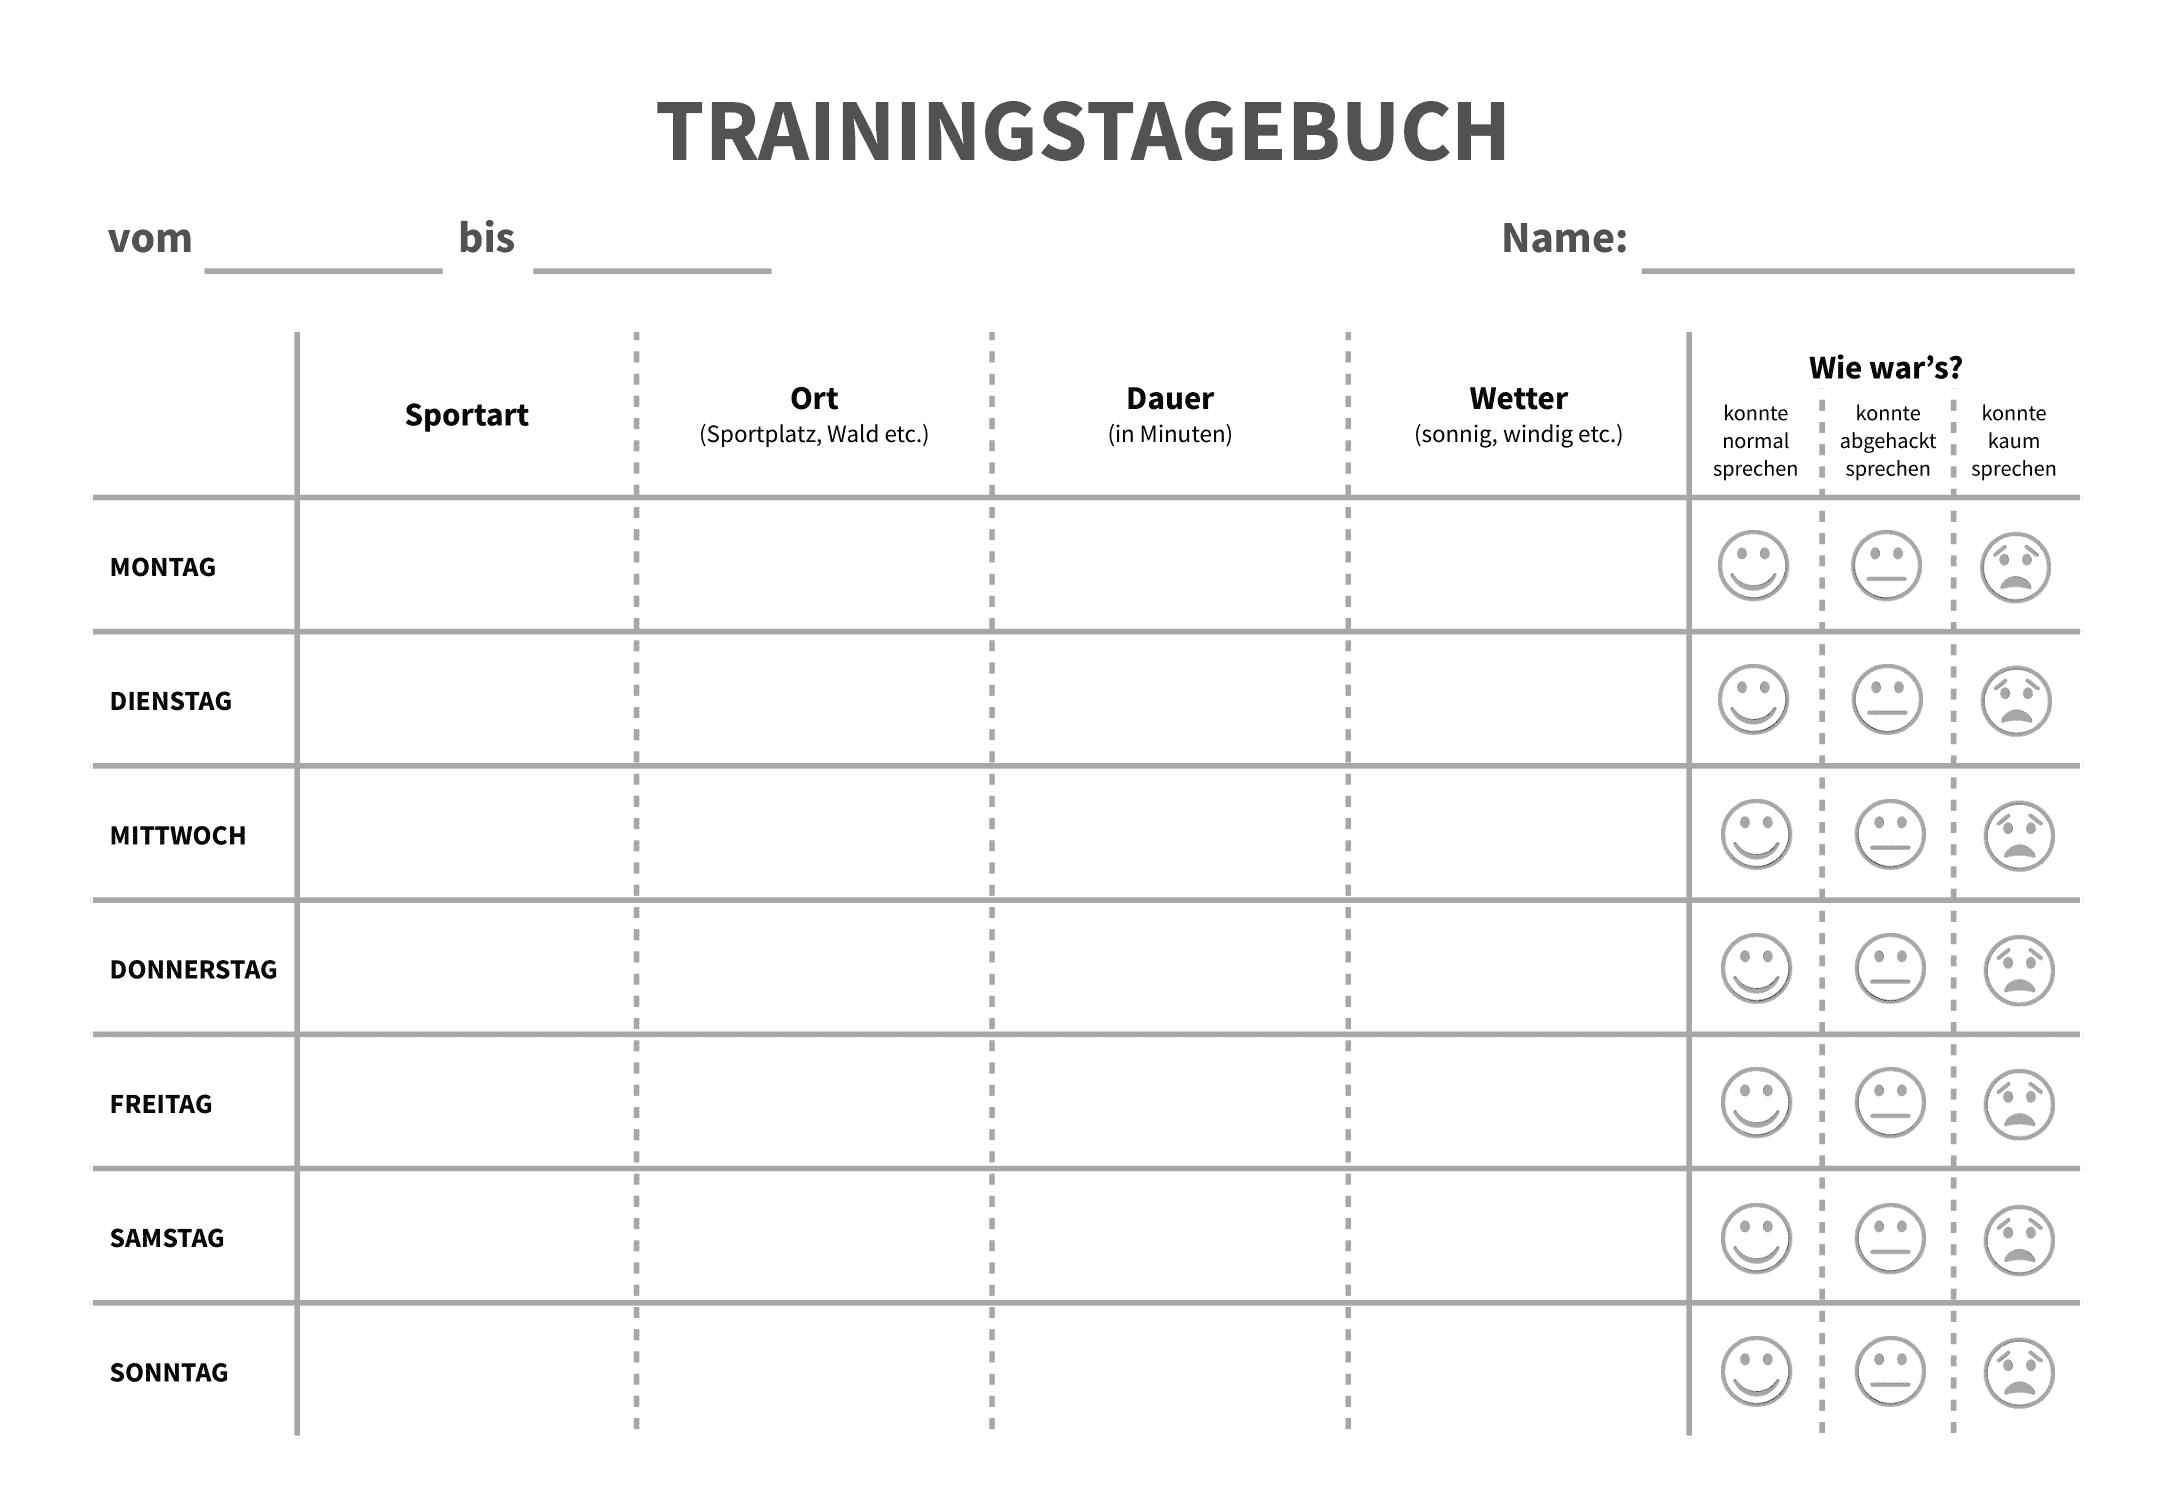 Trainingstagebuch - Vorlage für die Sekundarstufe